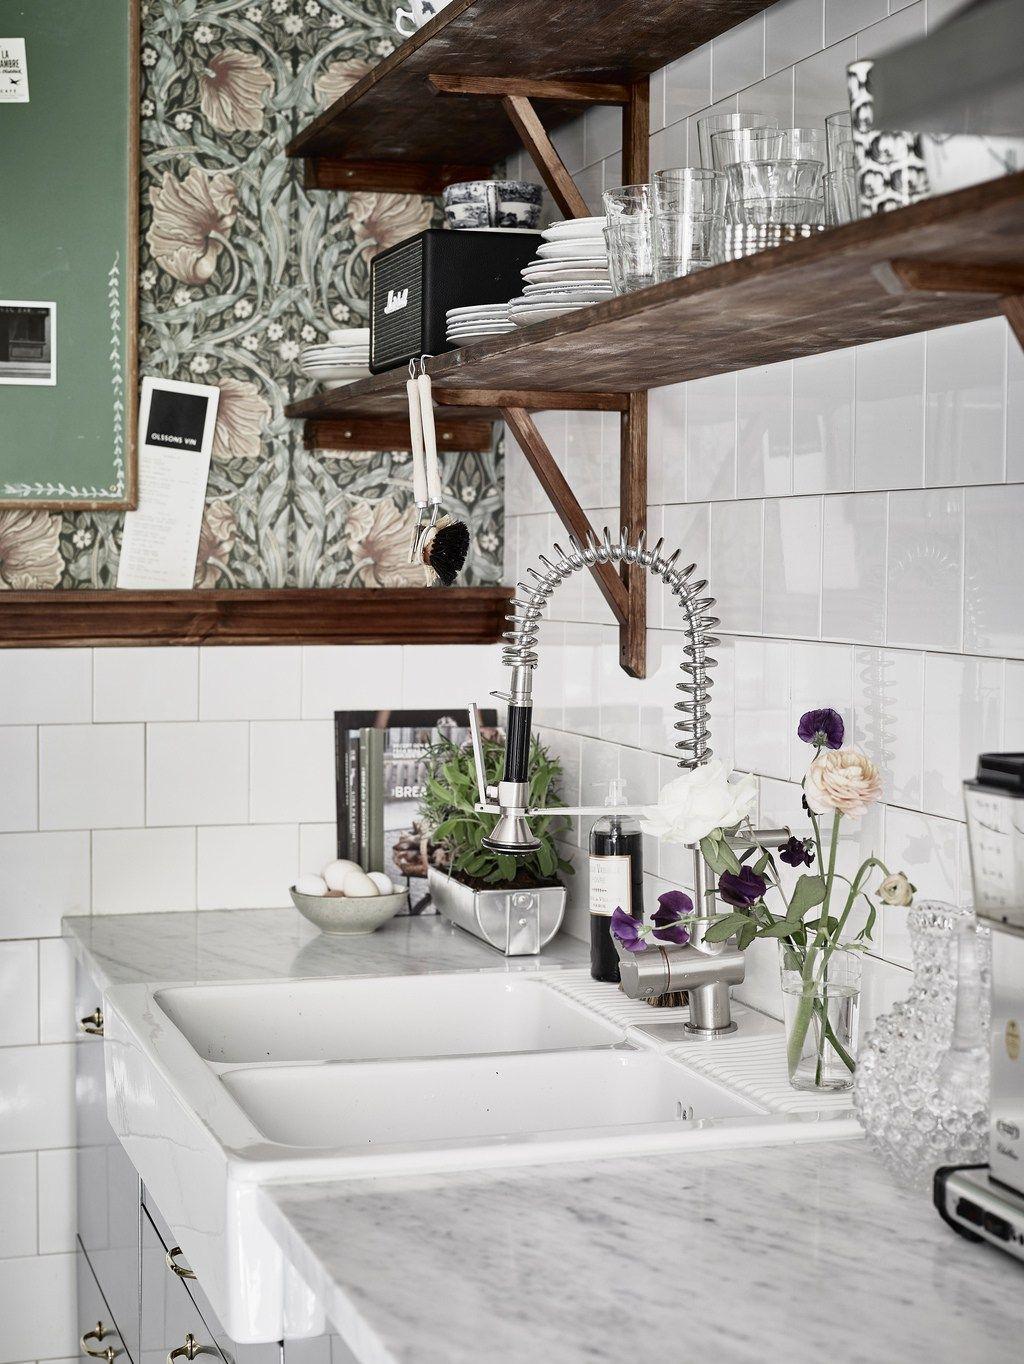 Cocina de acero inoxidable Pinterest Cocina ikea Papel pared y